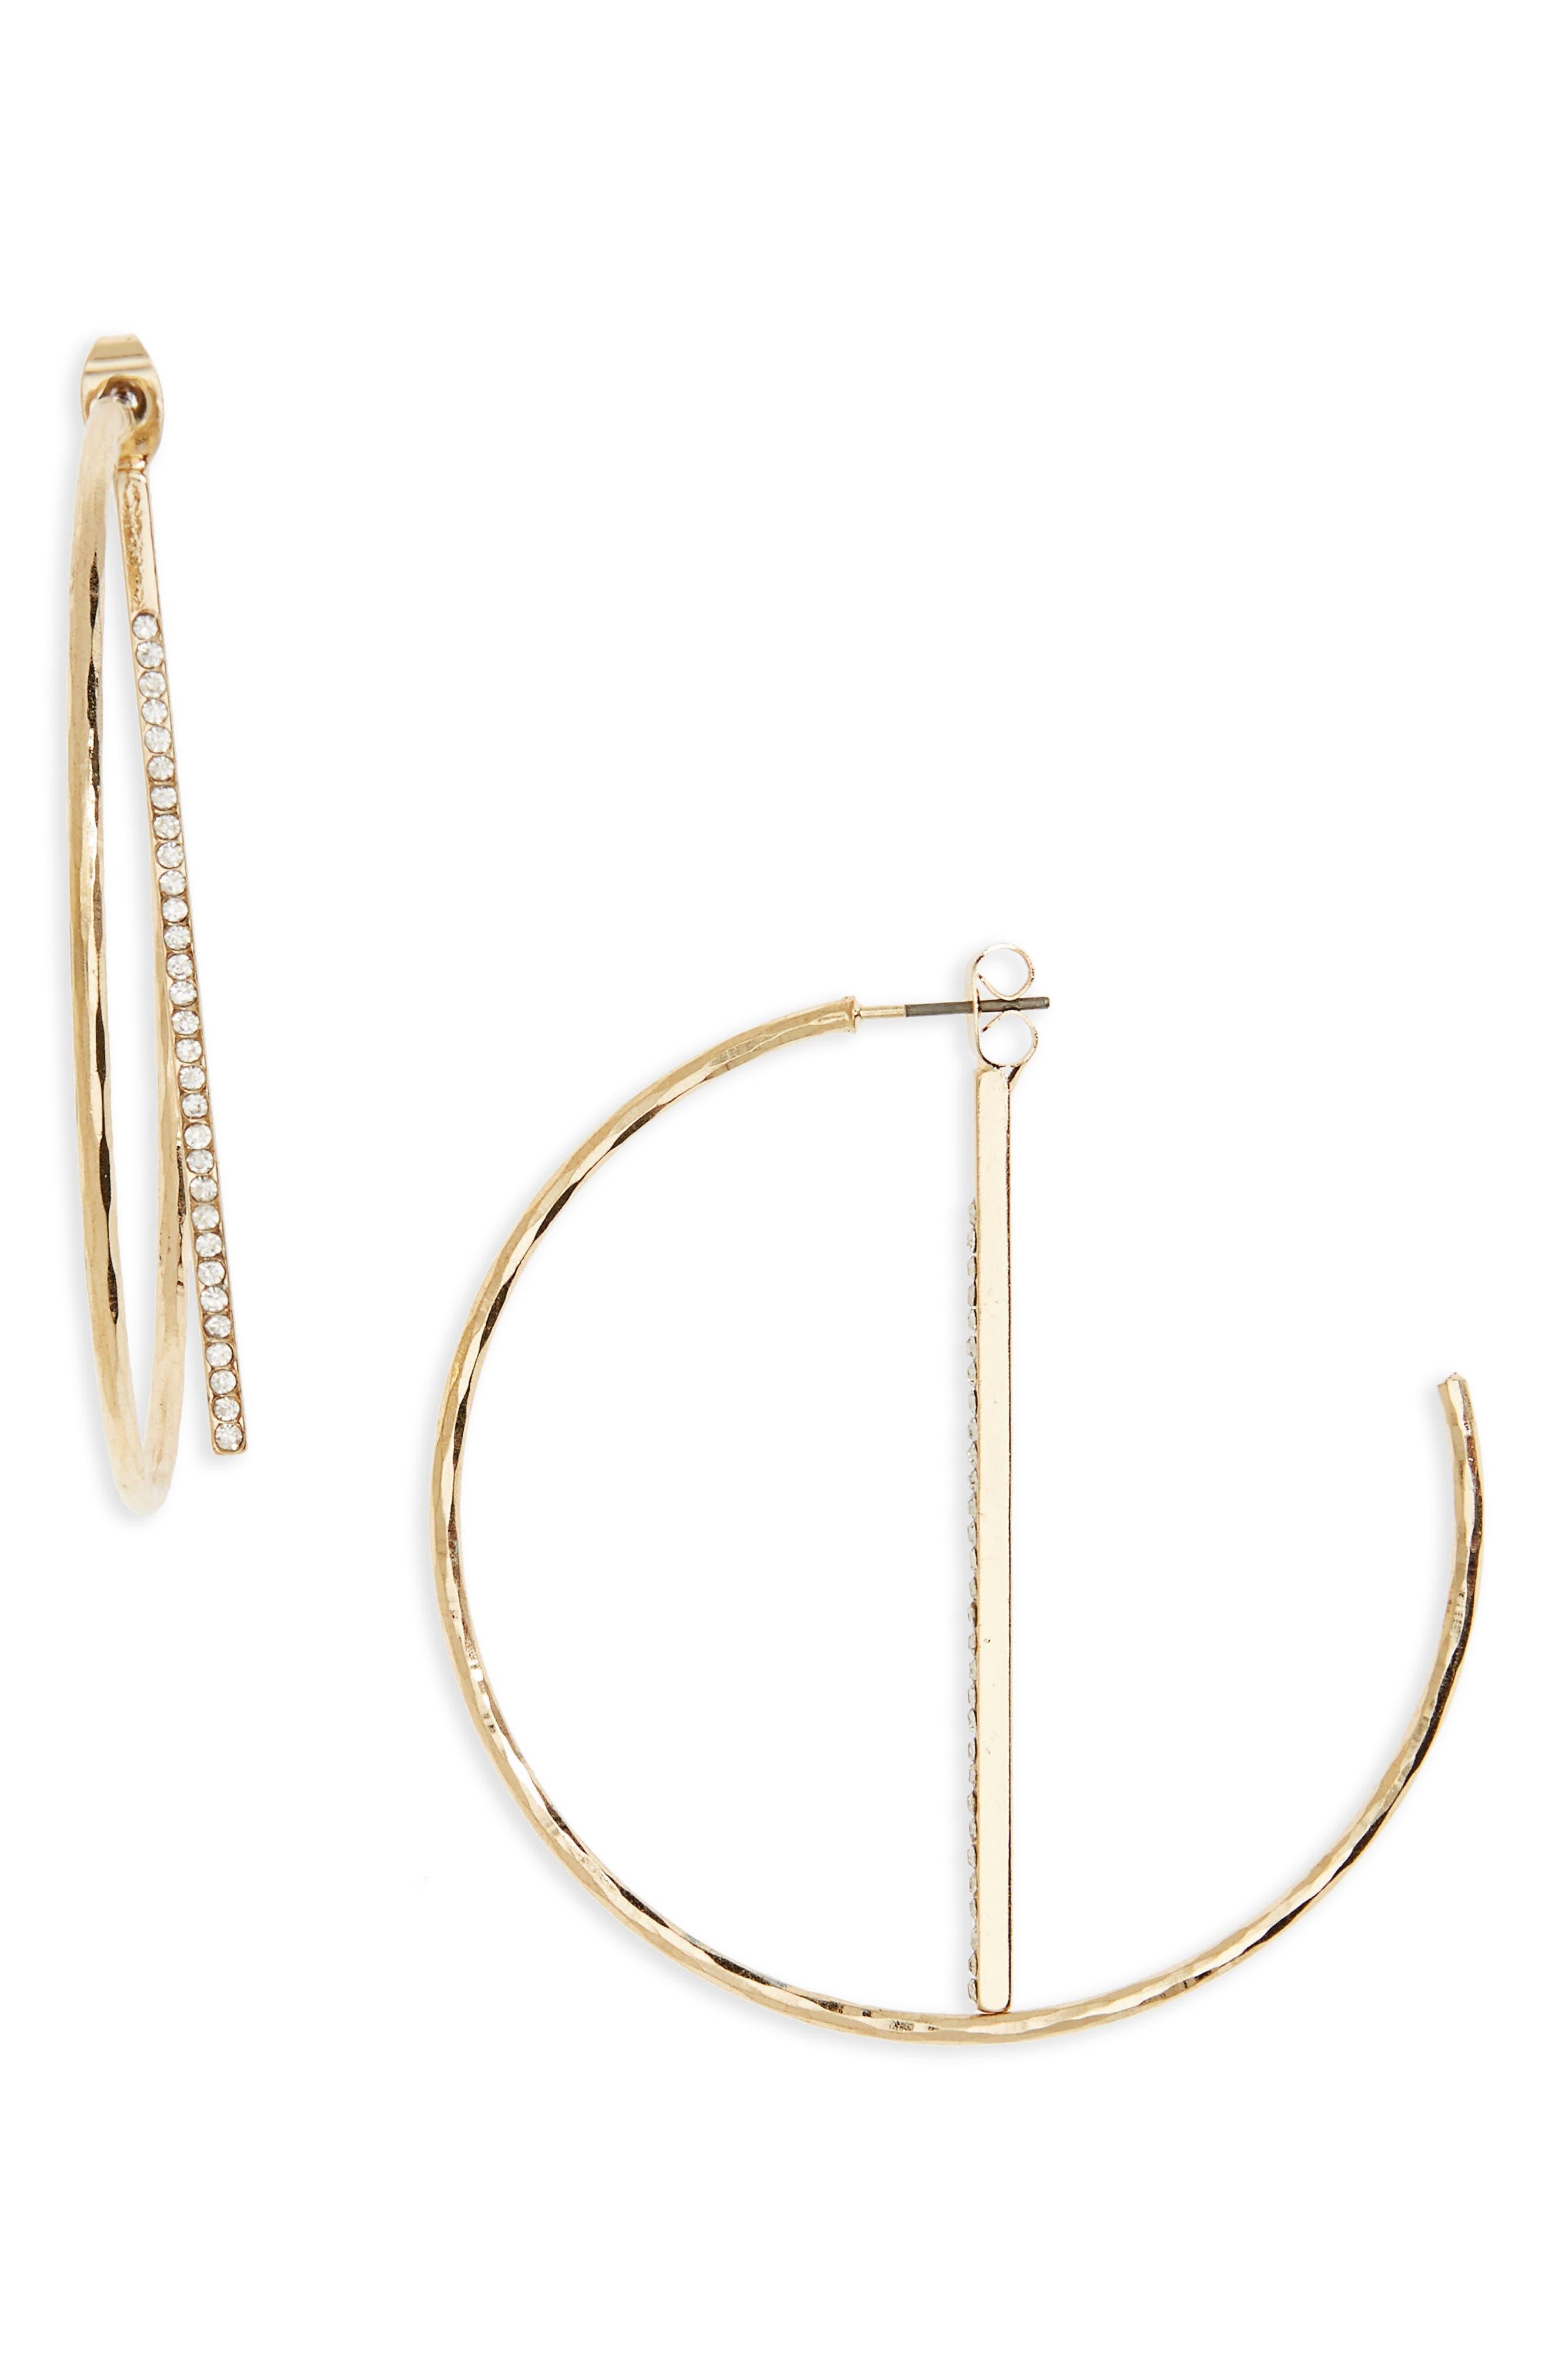 Alternate Image 1 Selected - BP. Crystal Half Hoop Earrings